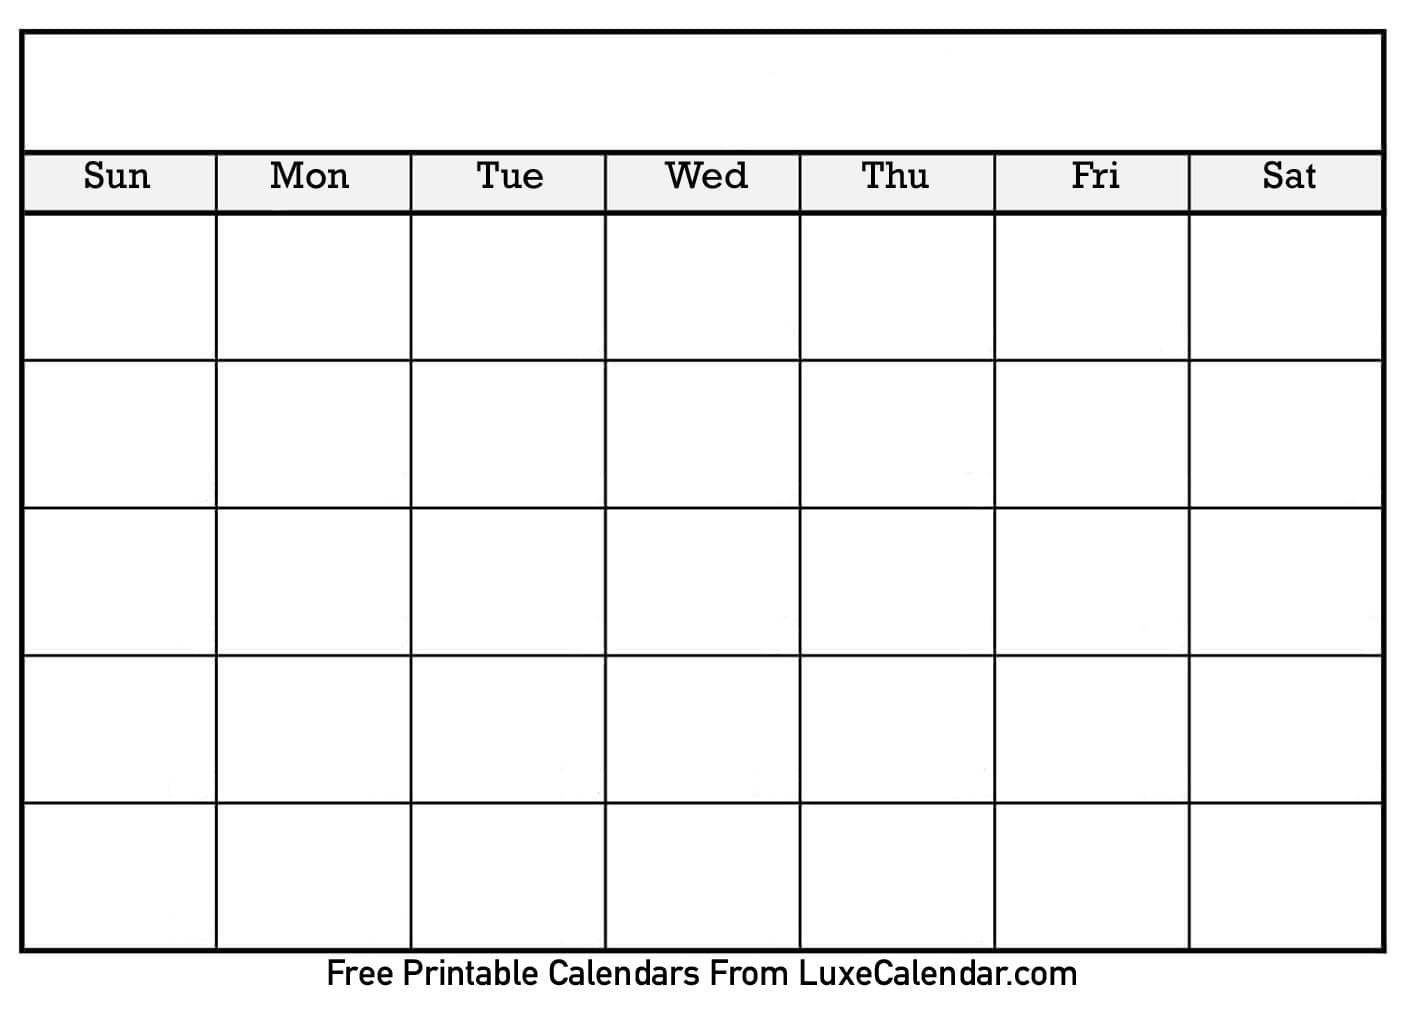 Blank Printable Calendar - Luxe Calendar in Blank Fill In Calendar